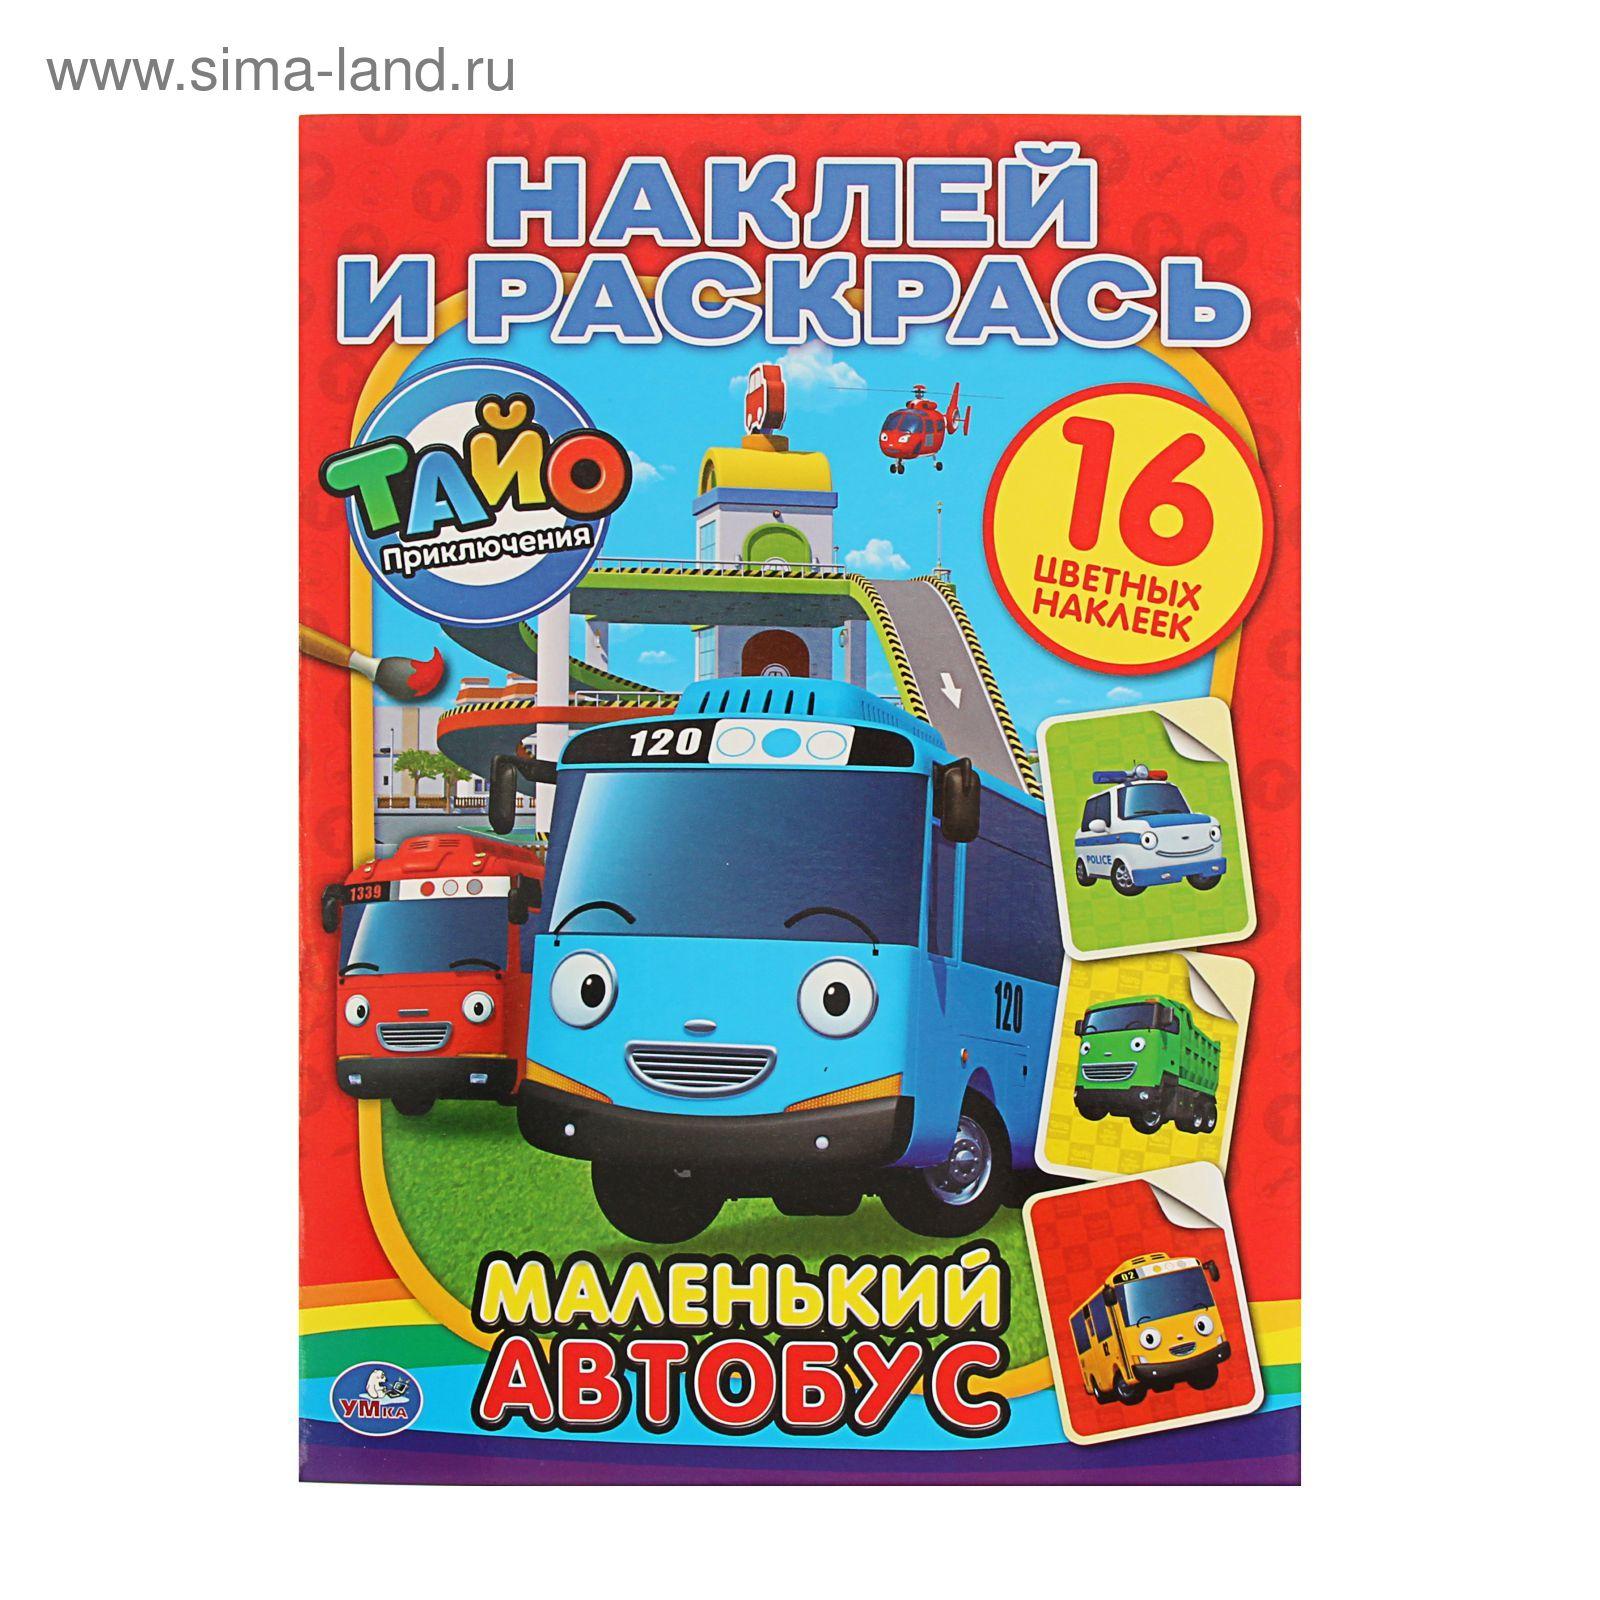 раскраска с наклейками маленький автобус тайо 16 наклеек